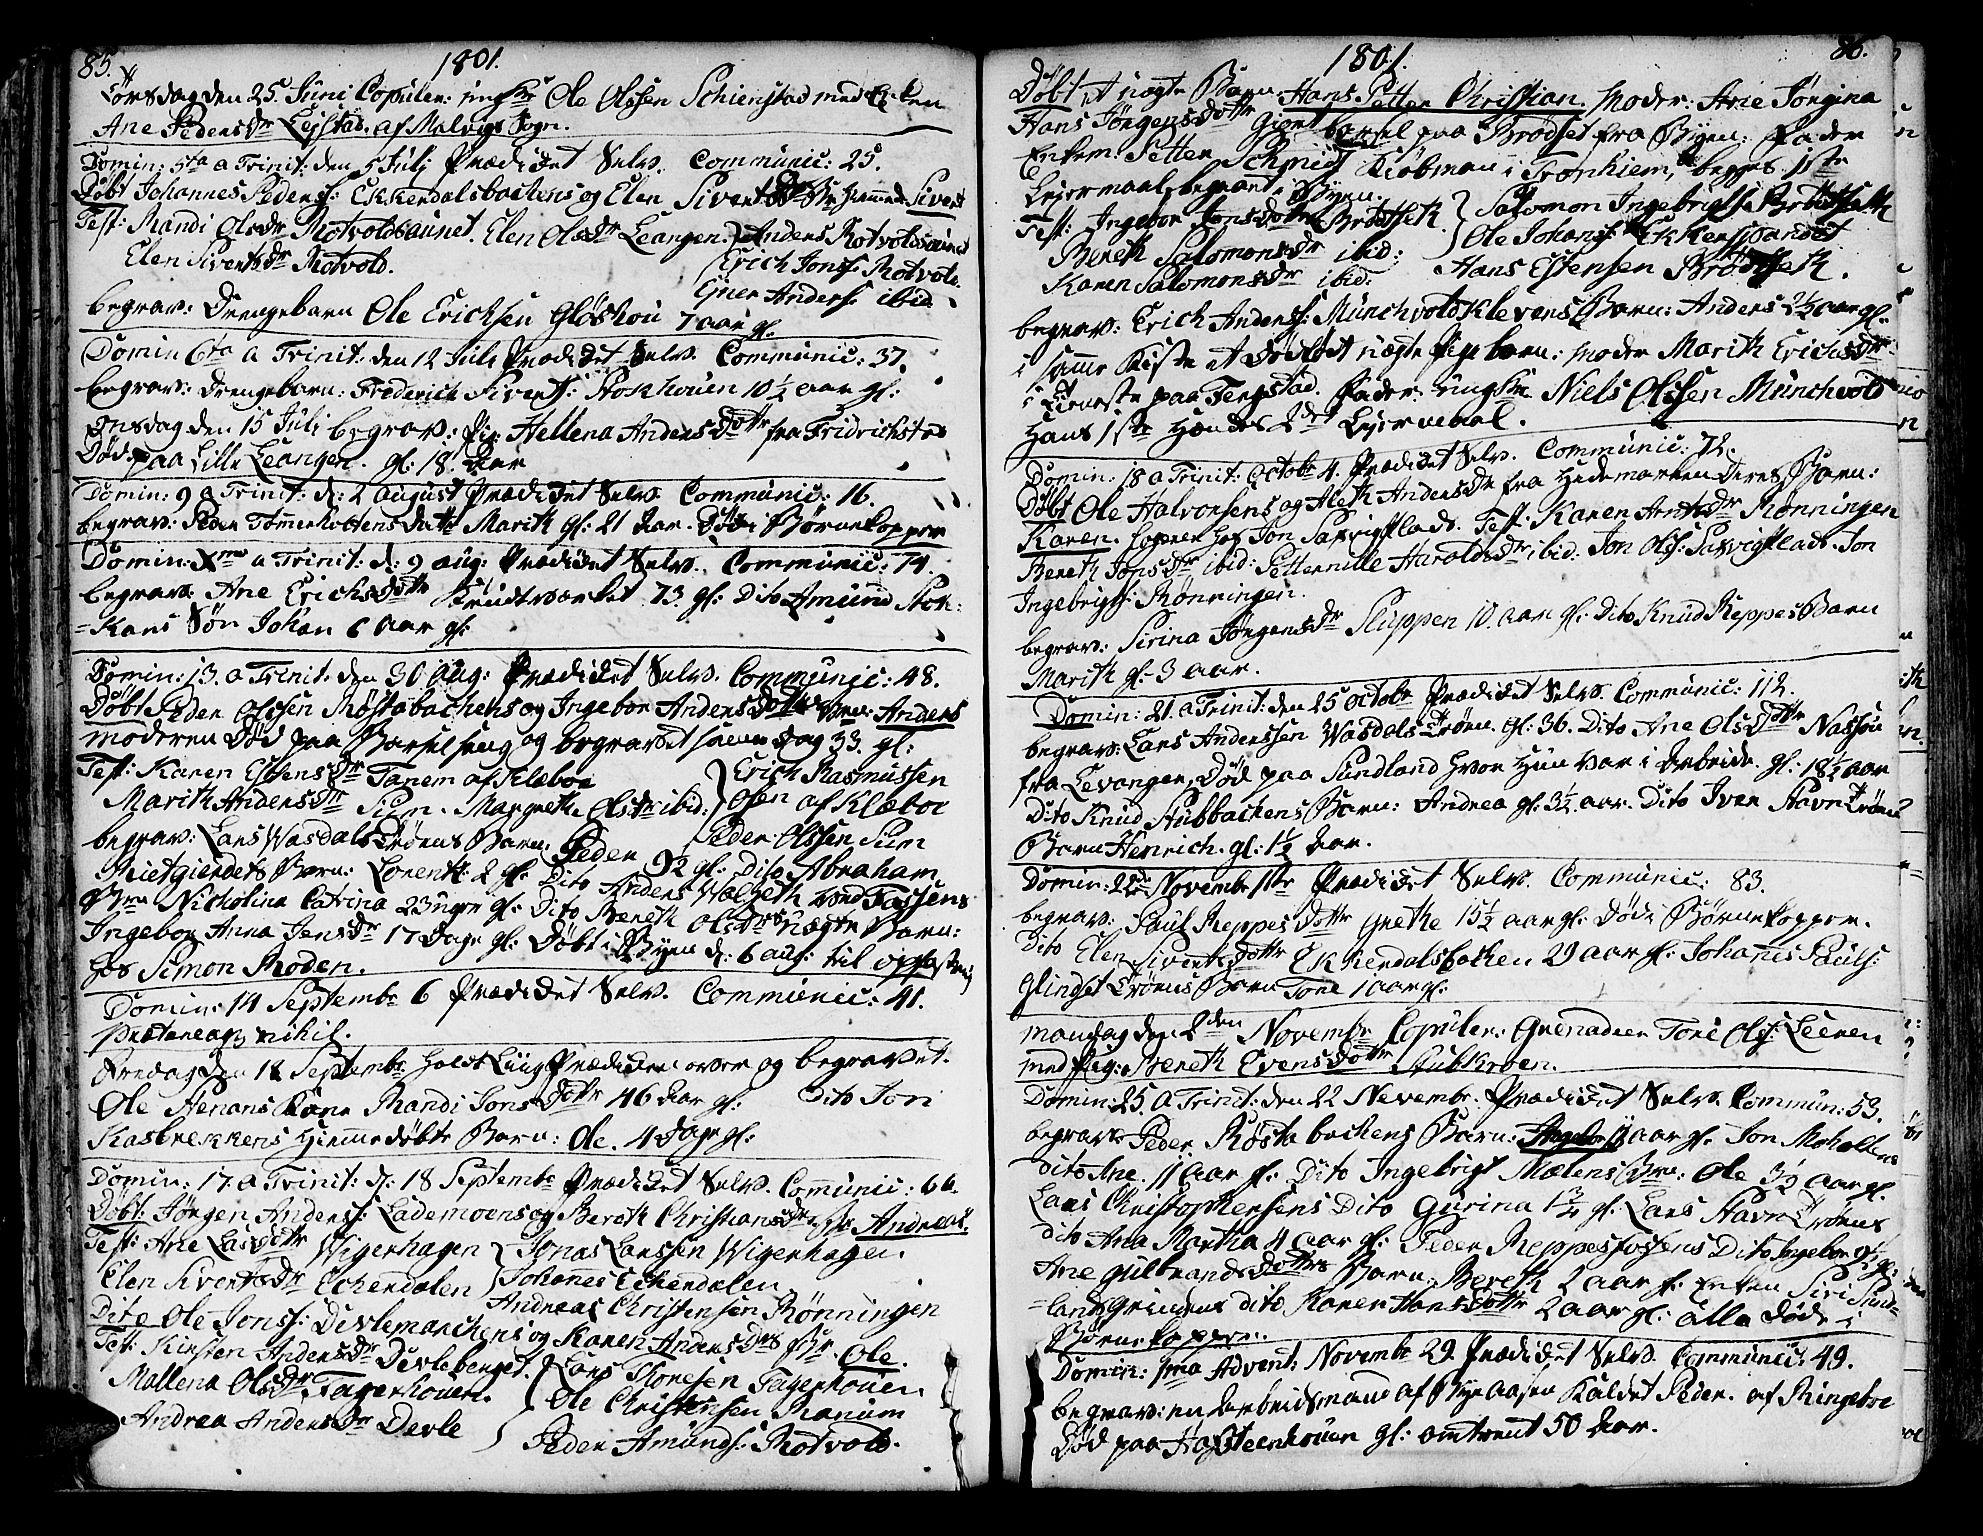 SAT, Ministerialprotokoller, klokkerbøker og fødselsregistre - Sør-Trøndelag, 606/L0280: Ministerialbok nr. 606A02 /1, 1781-1817, s. 85-86